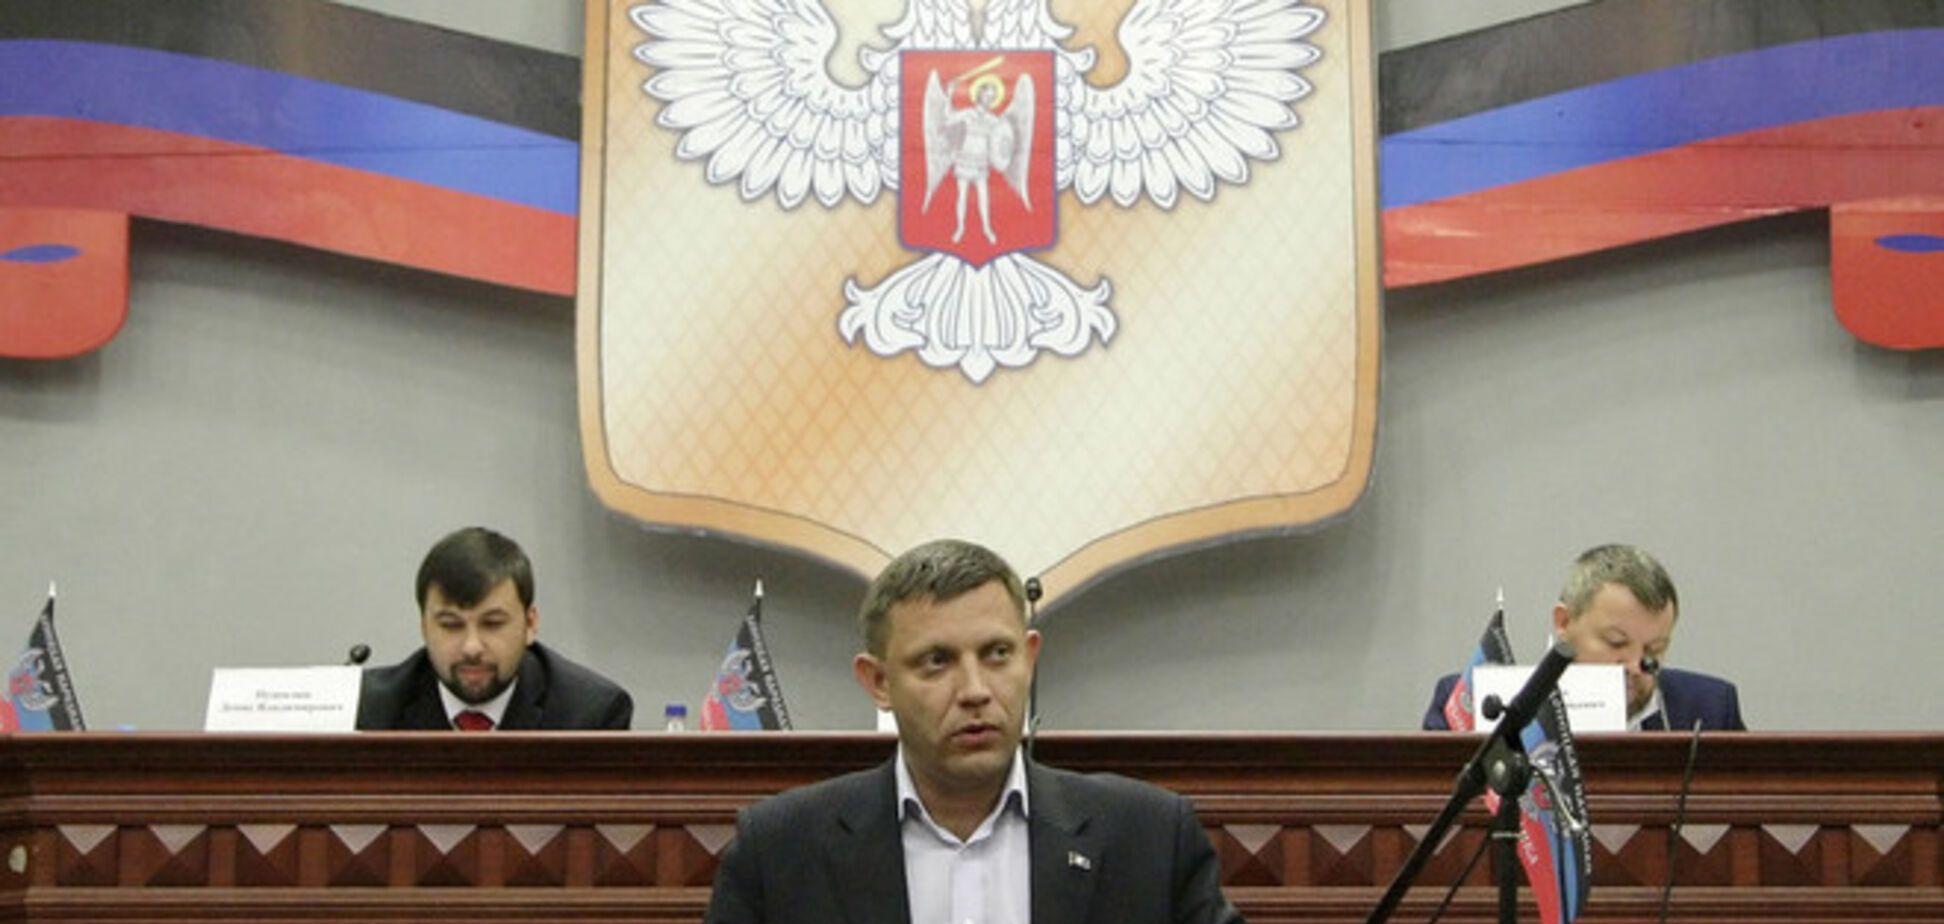 Антимайдан в Сан-Франциско собирает деньги в помощь 'ДНР' - проукраинский волонтер